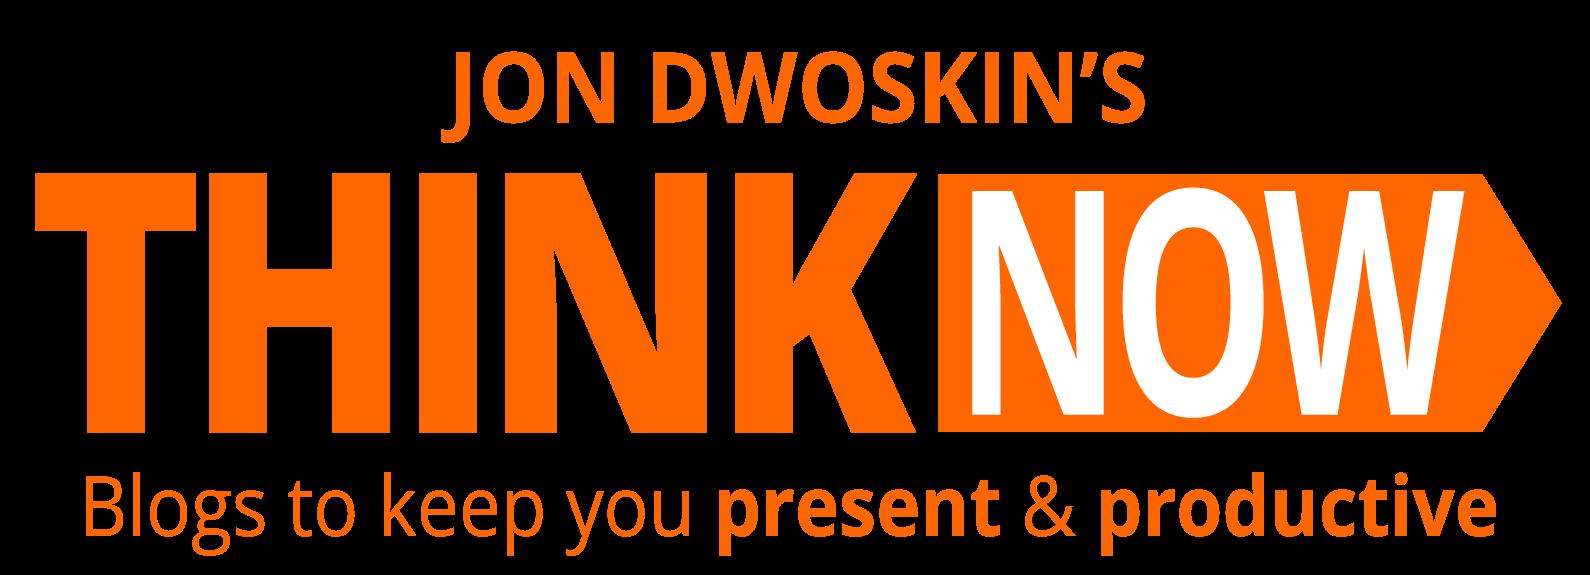 Jon Dwoskin's THINK NOW Blog Series -- icon